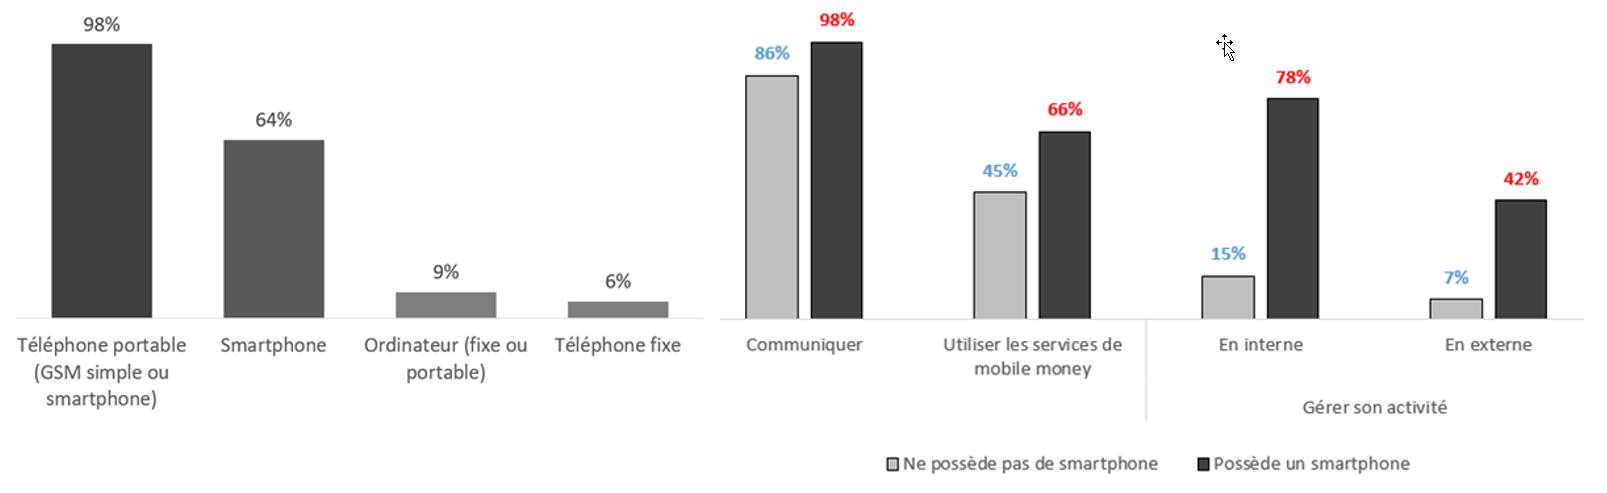 Figure 1. Taux de possession des outils numériques (gauche) et principaux usages (droite) (n = 500). Source : auteur.